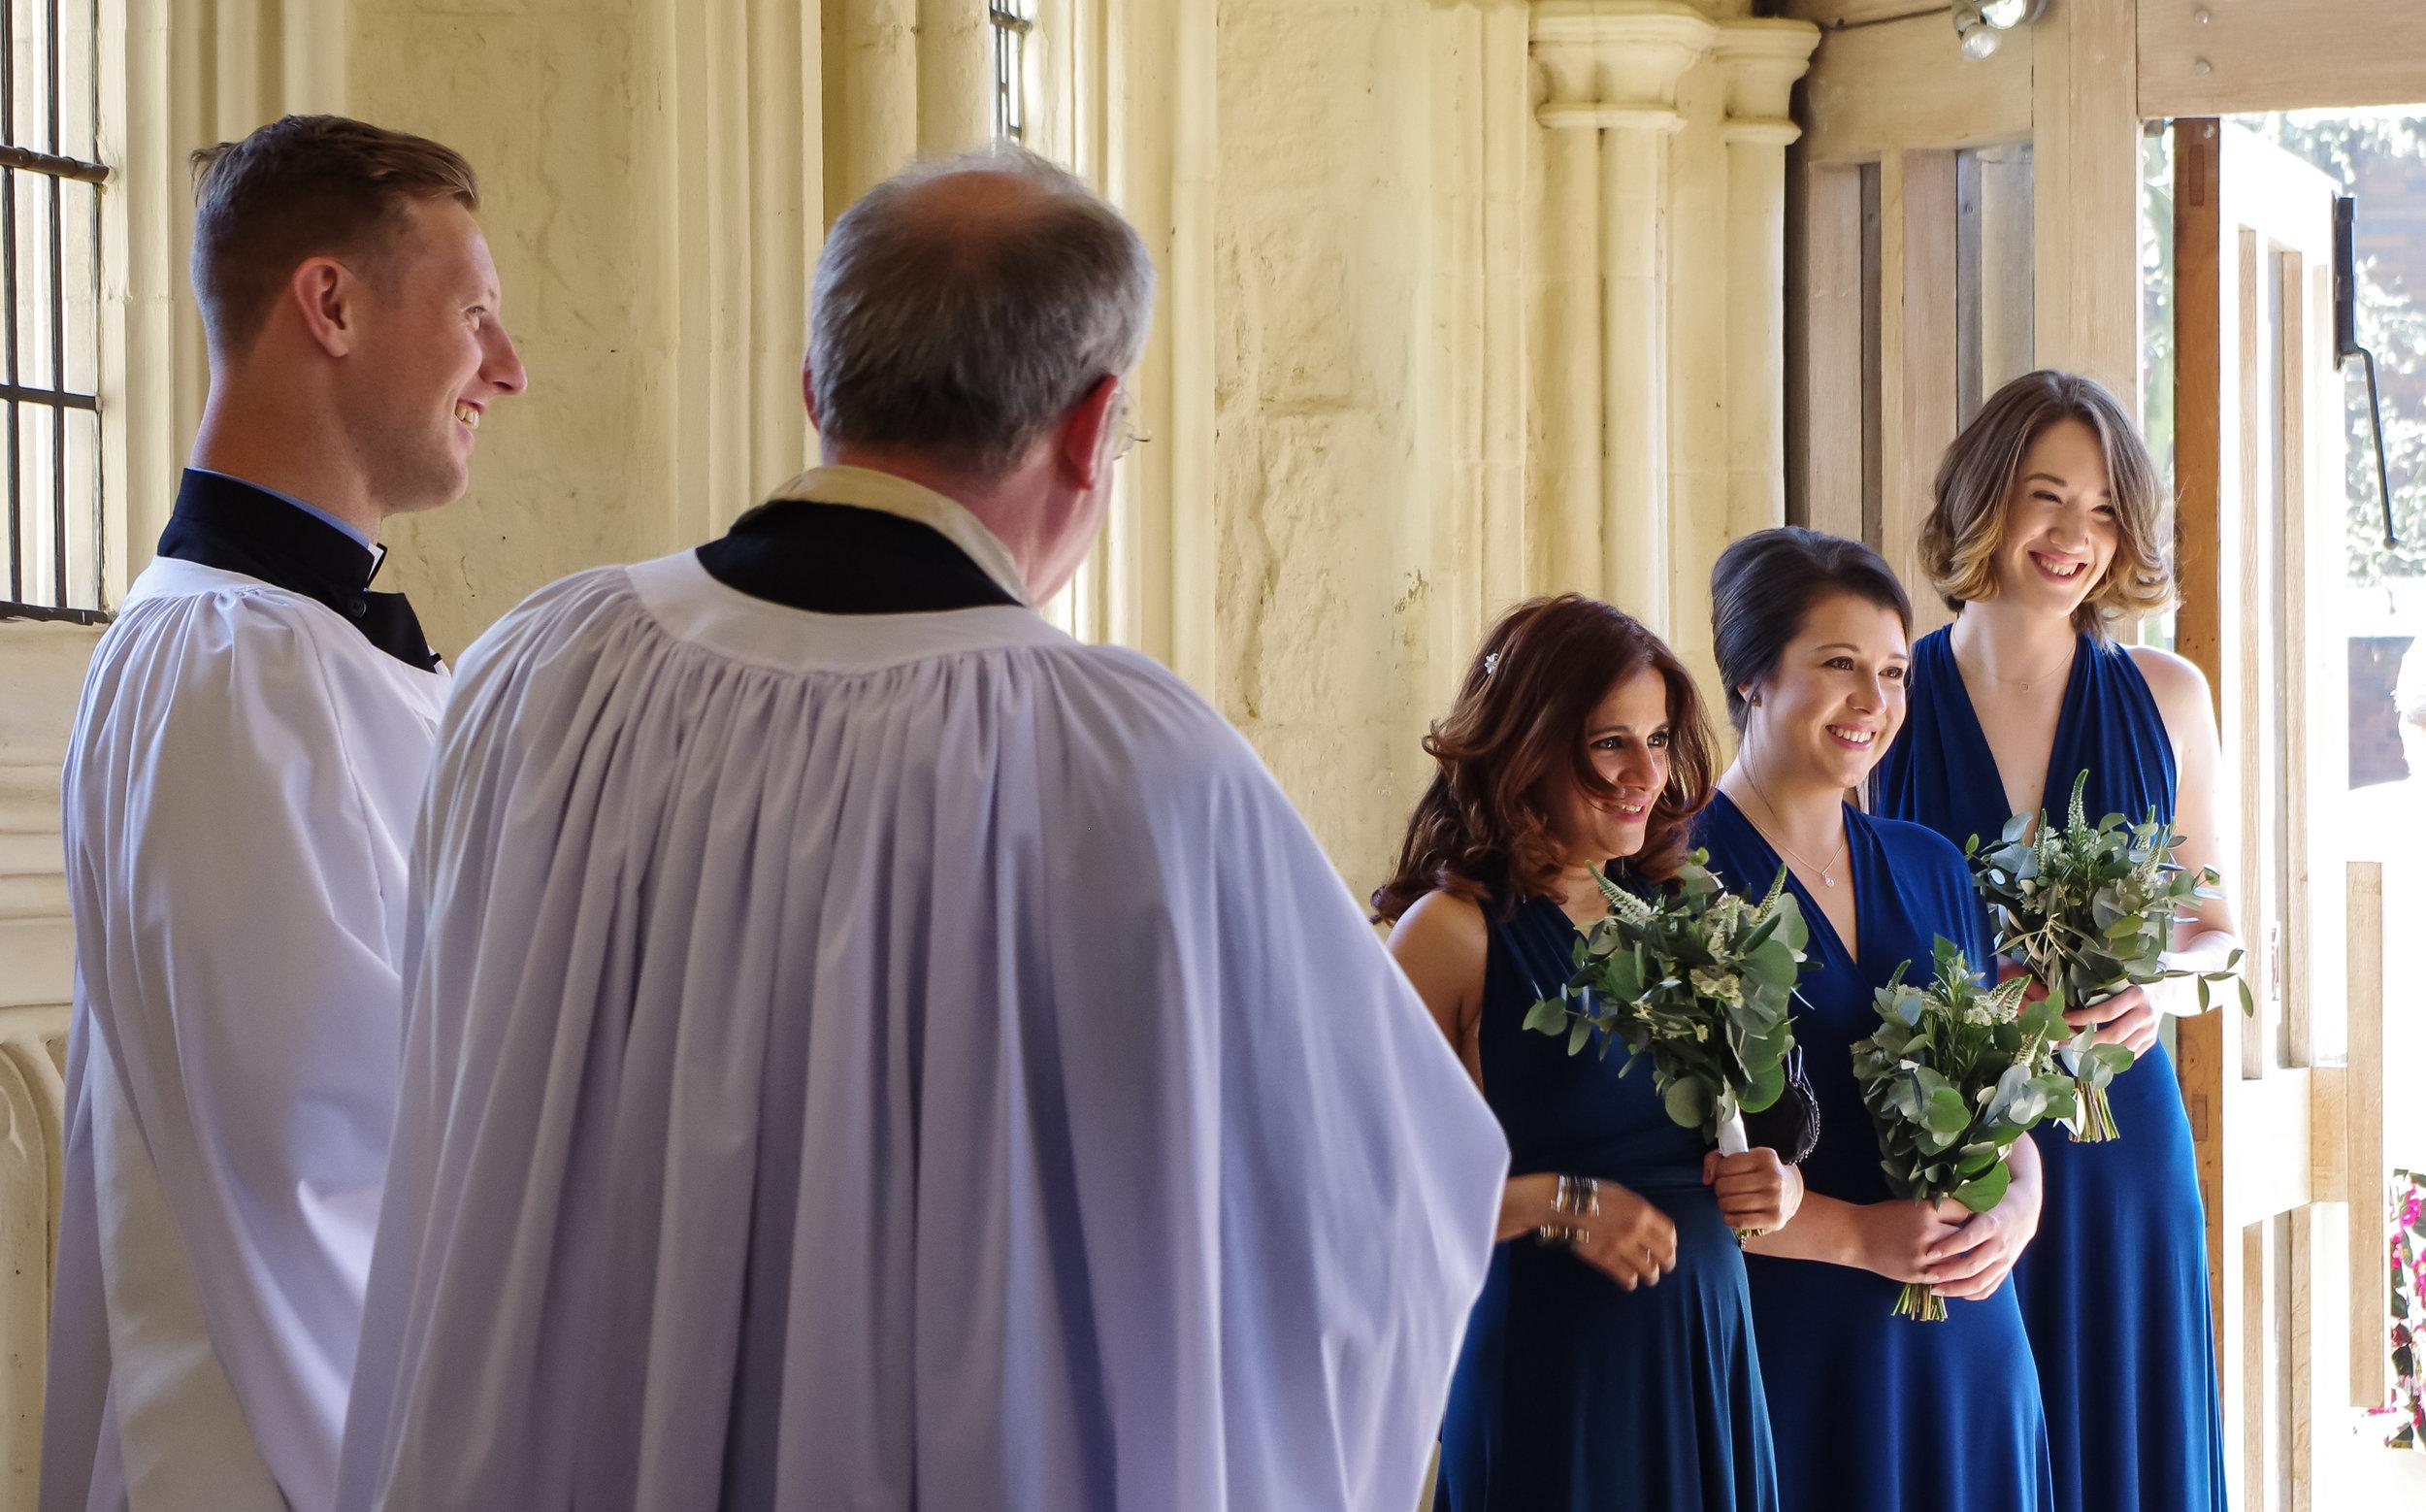 Sian+and+Vittorio+Bridesmaids.jpg